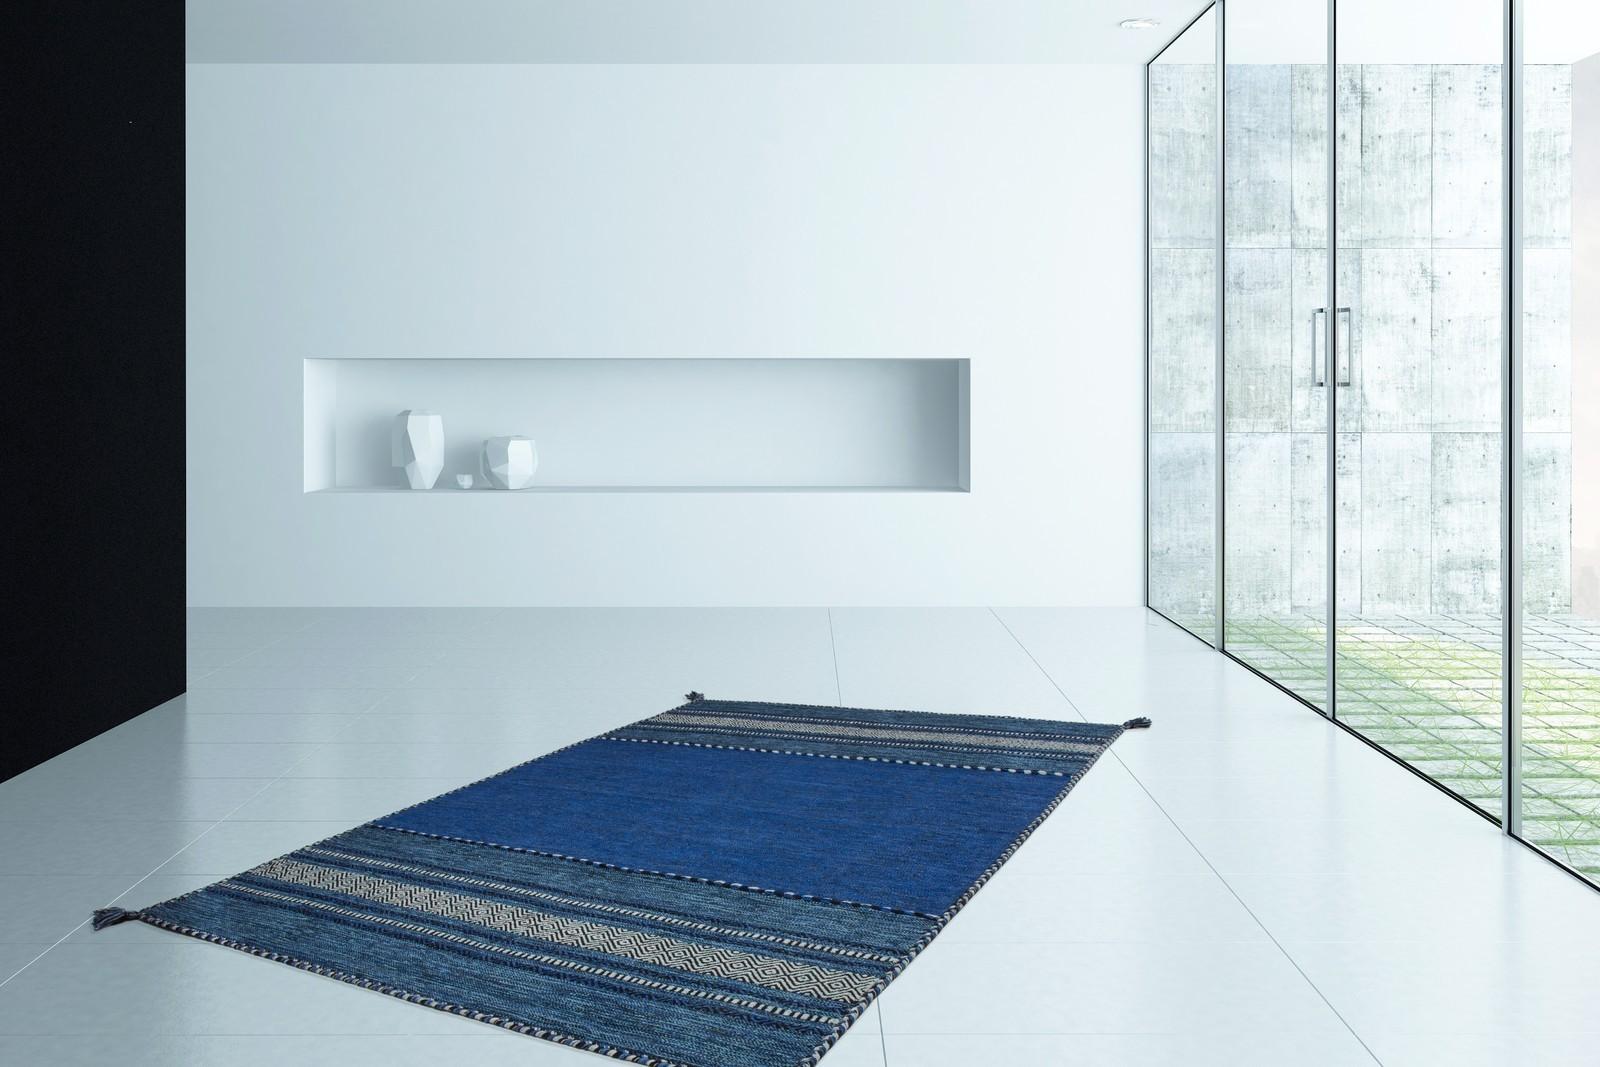 Tapis 100% coton lavable en machine naturel antique bleu graphique 6